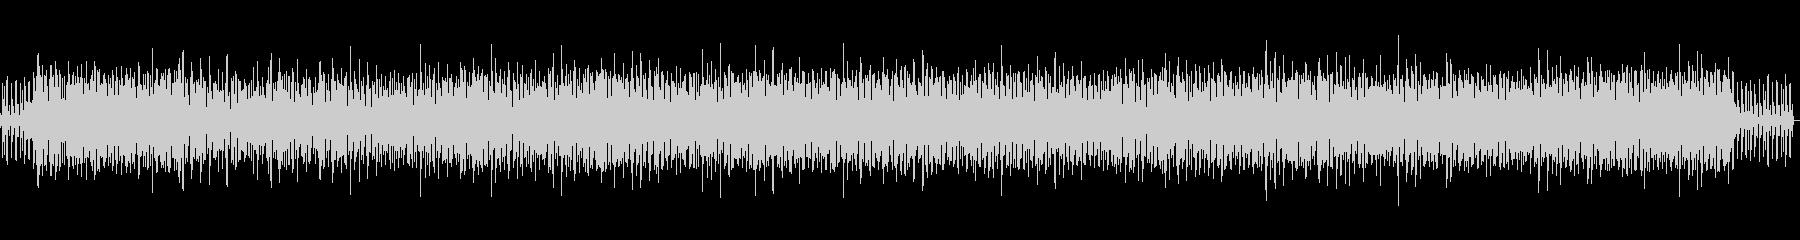 シンセ・インプロの未再生の波形